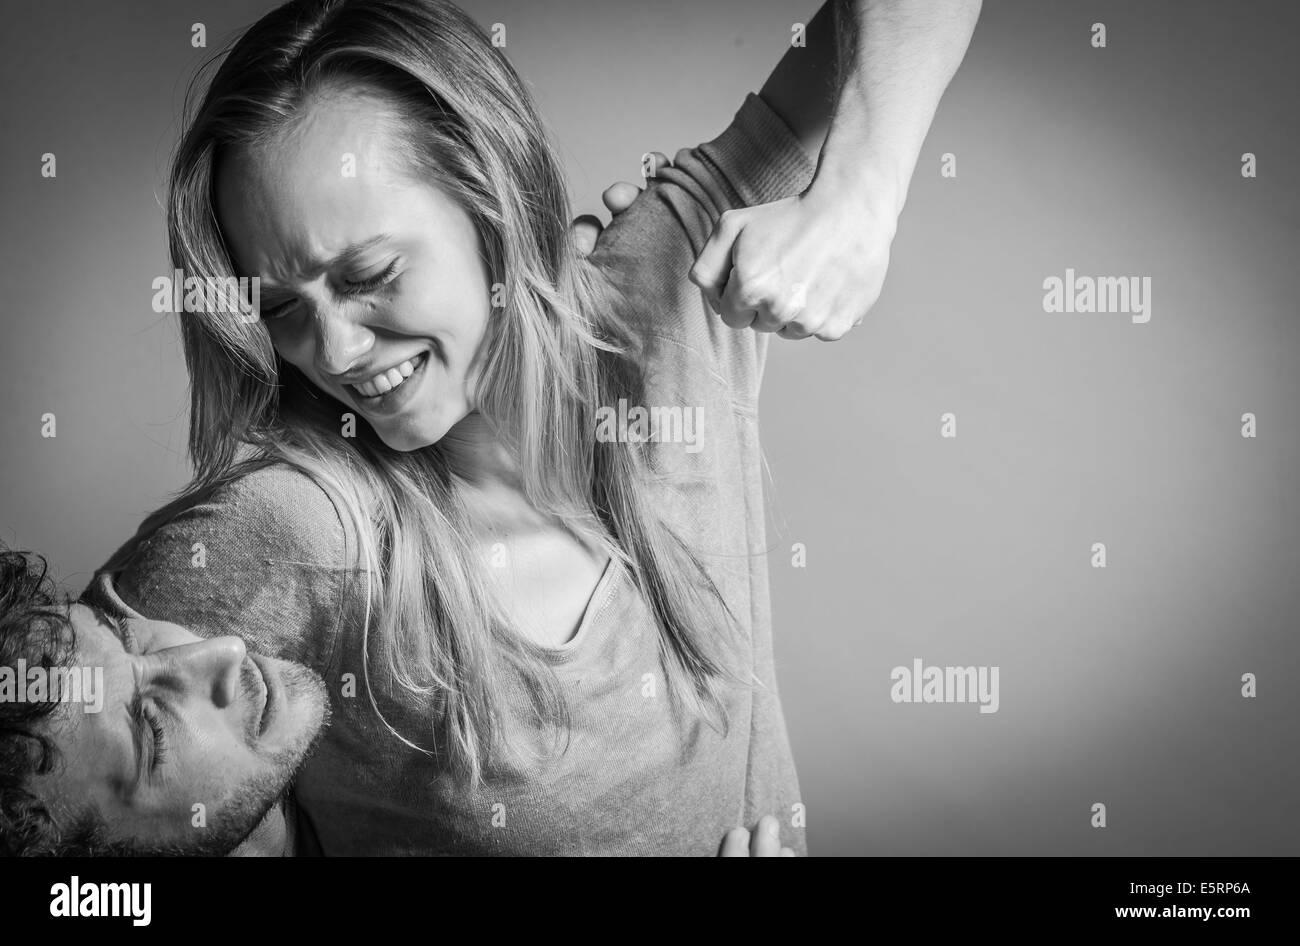 Couple fighting pour le plaisir. Photo Stock